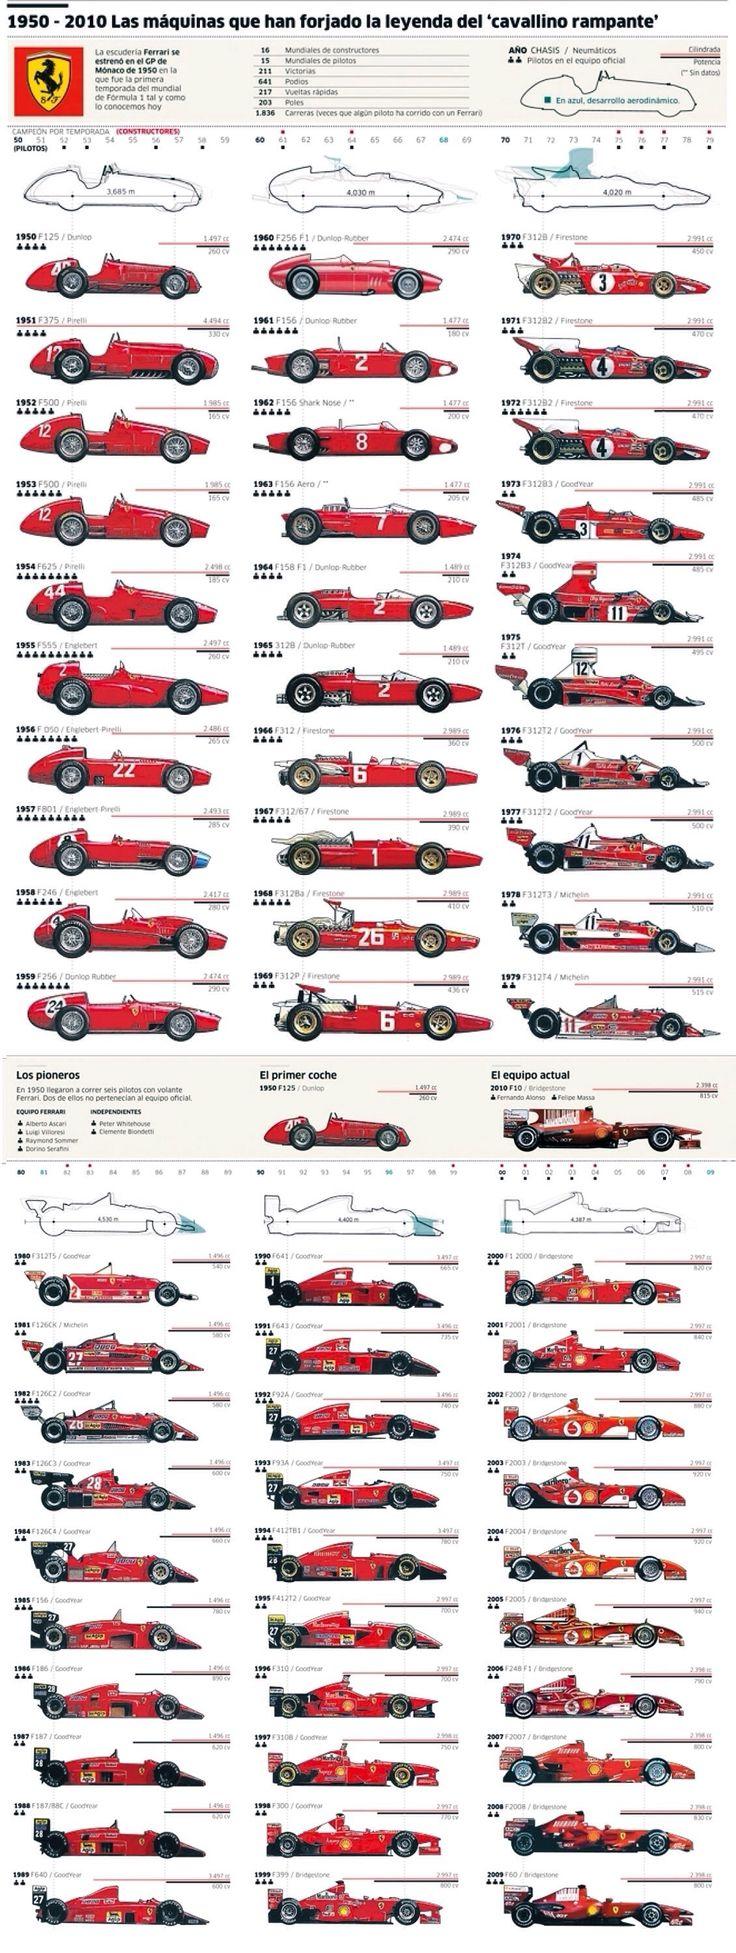 1950-2010 Ferrari F1 Evolution